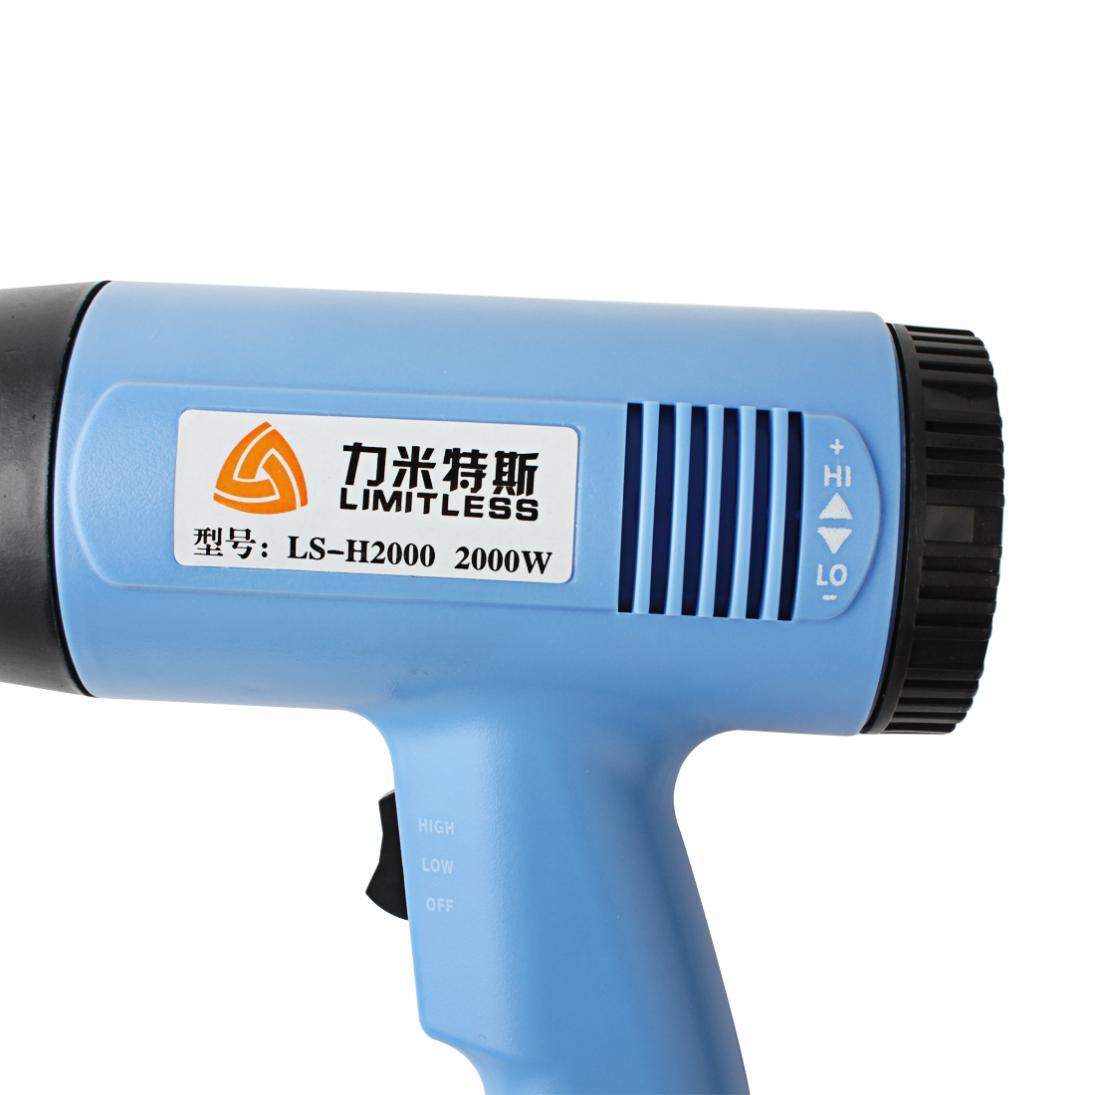 ES profesionalus kištukas - 2000W kintamosios srovės 220 V 60 ~ 650 - Elektriniai įrankiai - Nuotrauka 5